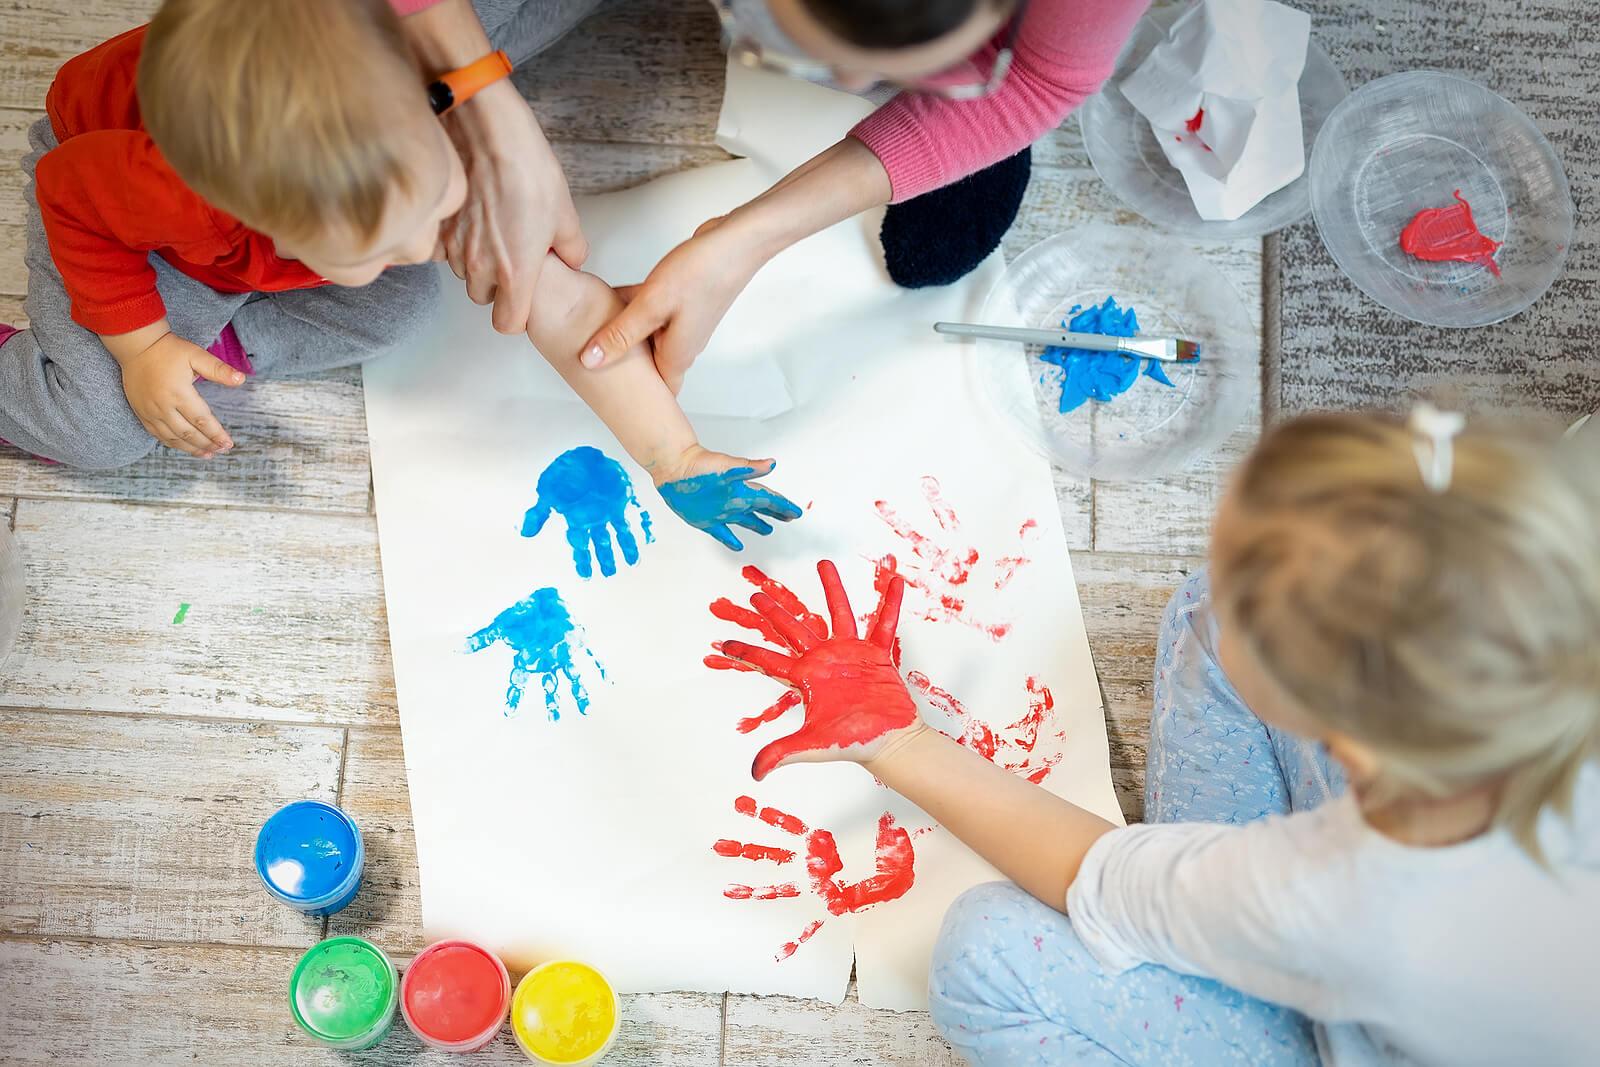 Madre con sus hijos jugando a pintar con los dedos y las manos un mural.